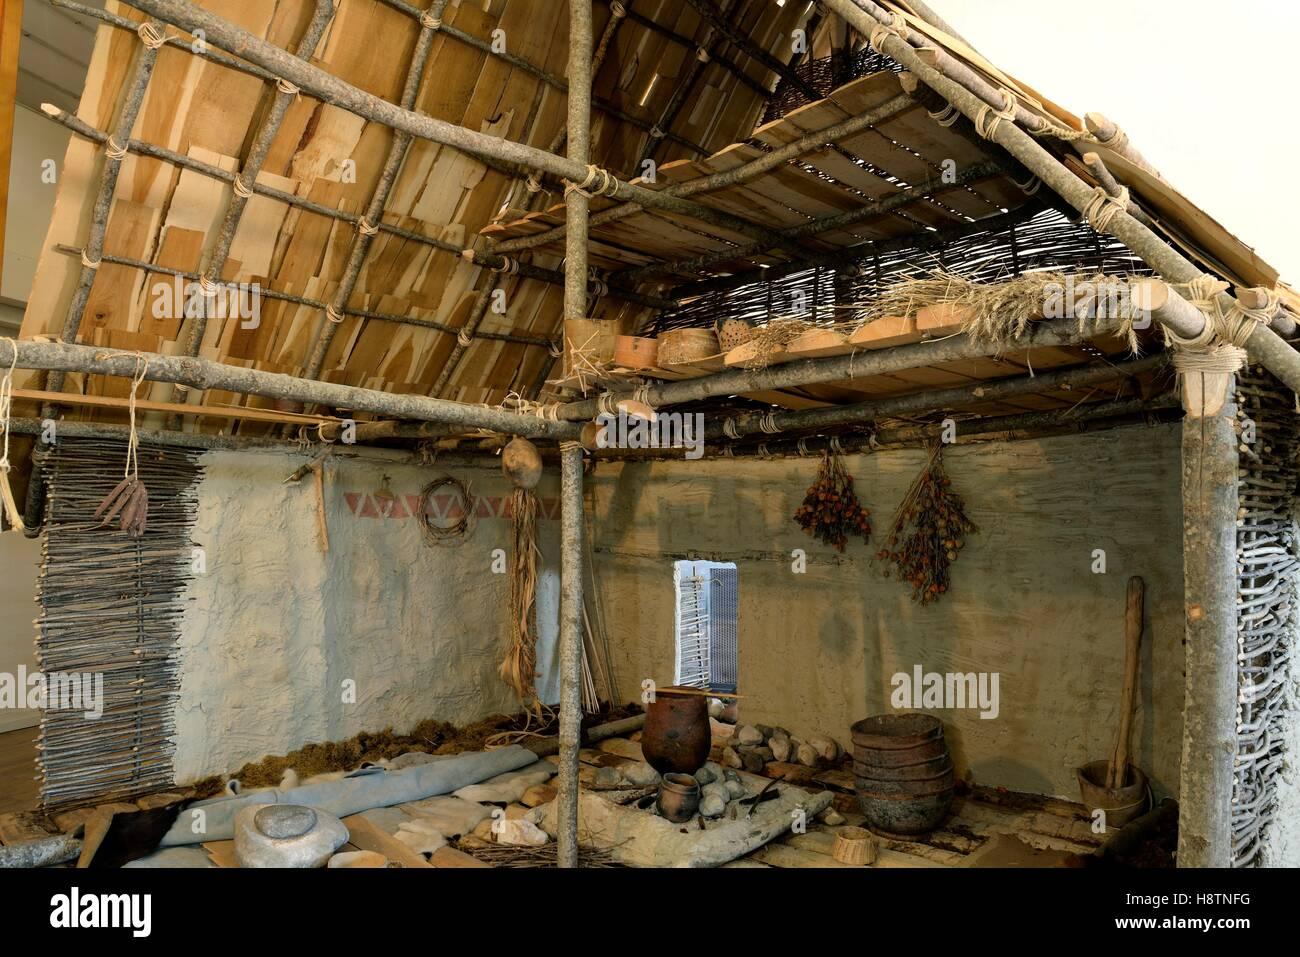 La Maison Du Bois Clairvaux haut jura regional natural park stock photos & haut jura